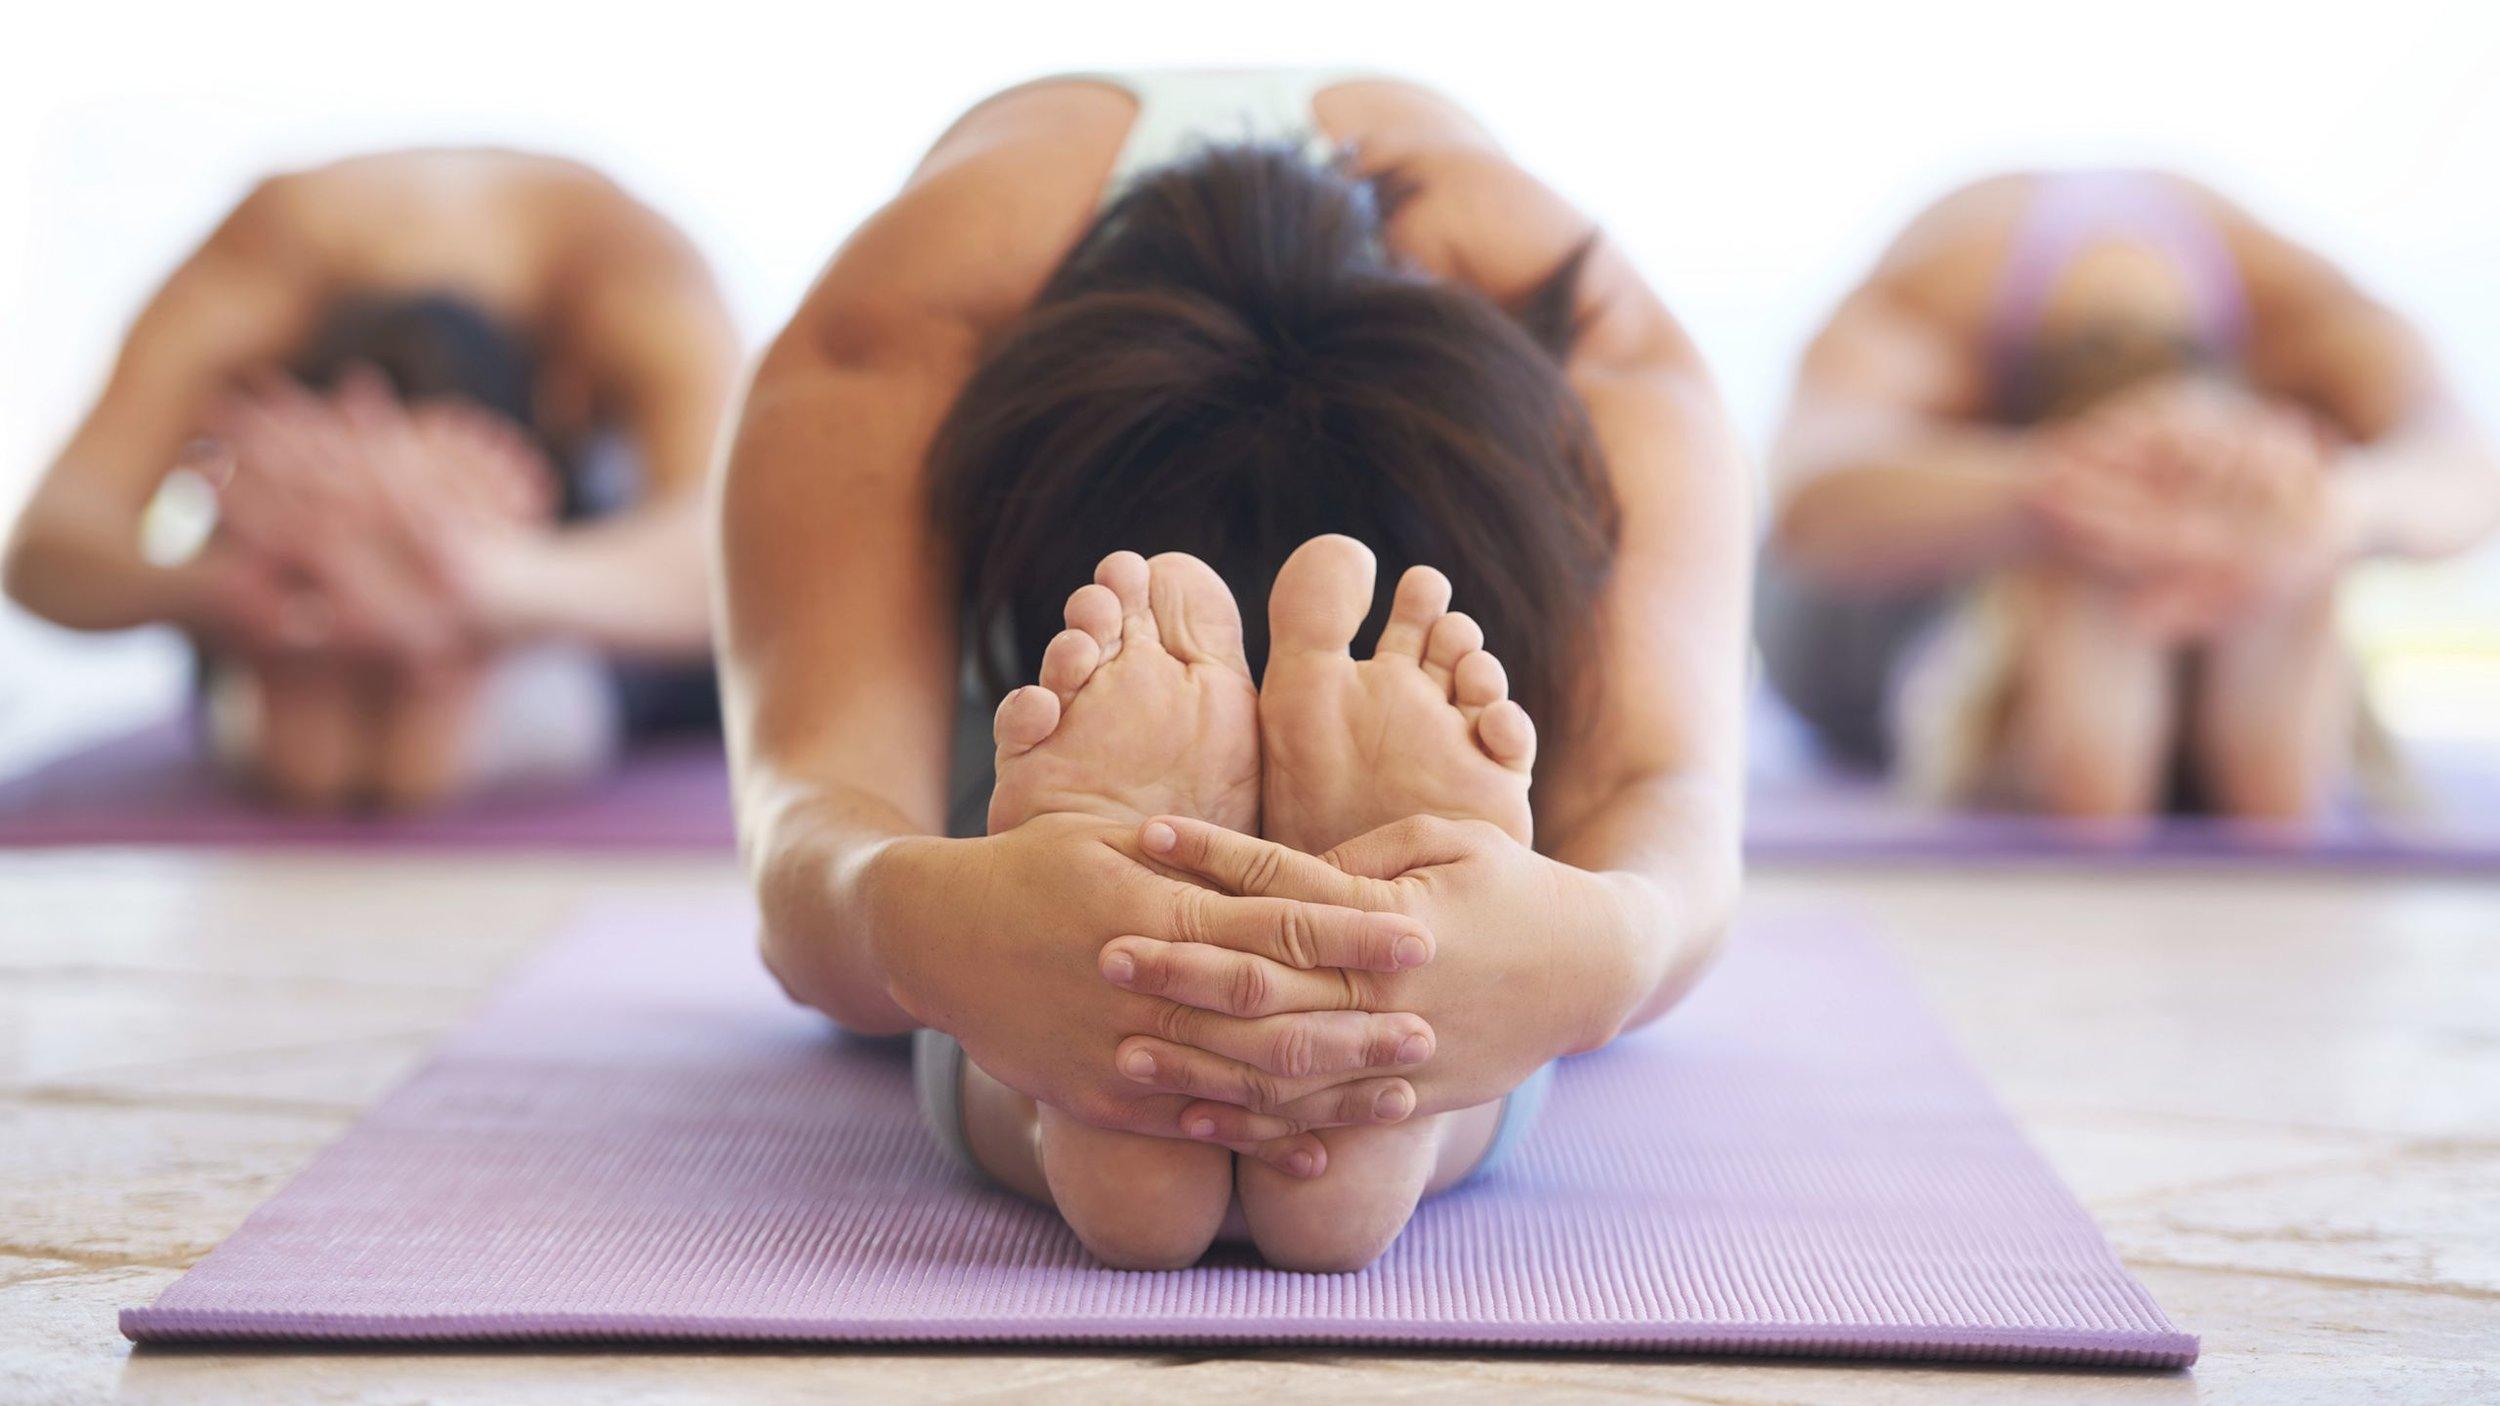 5-exercises-to-strengthen-your-bones.jpg